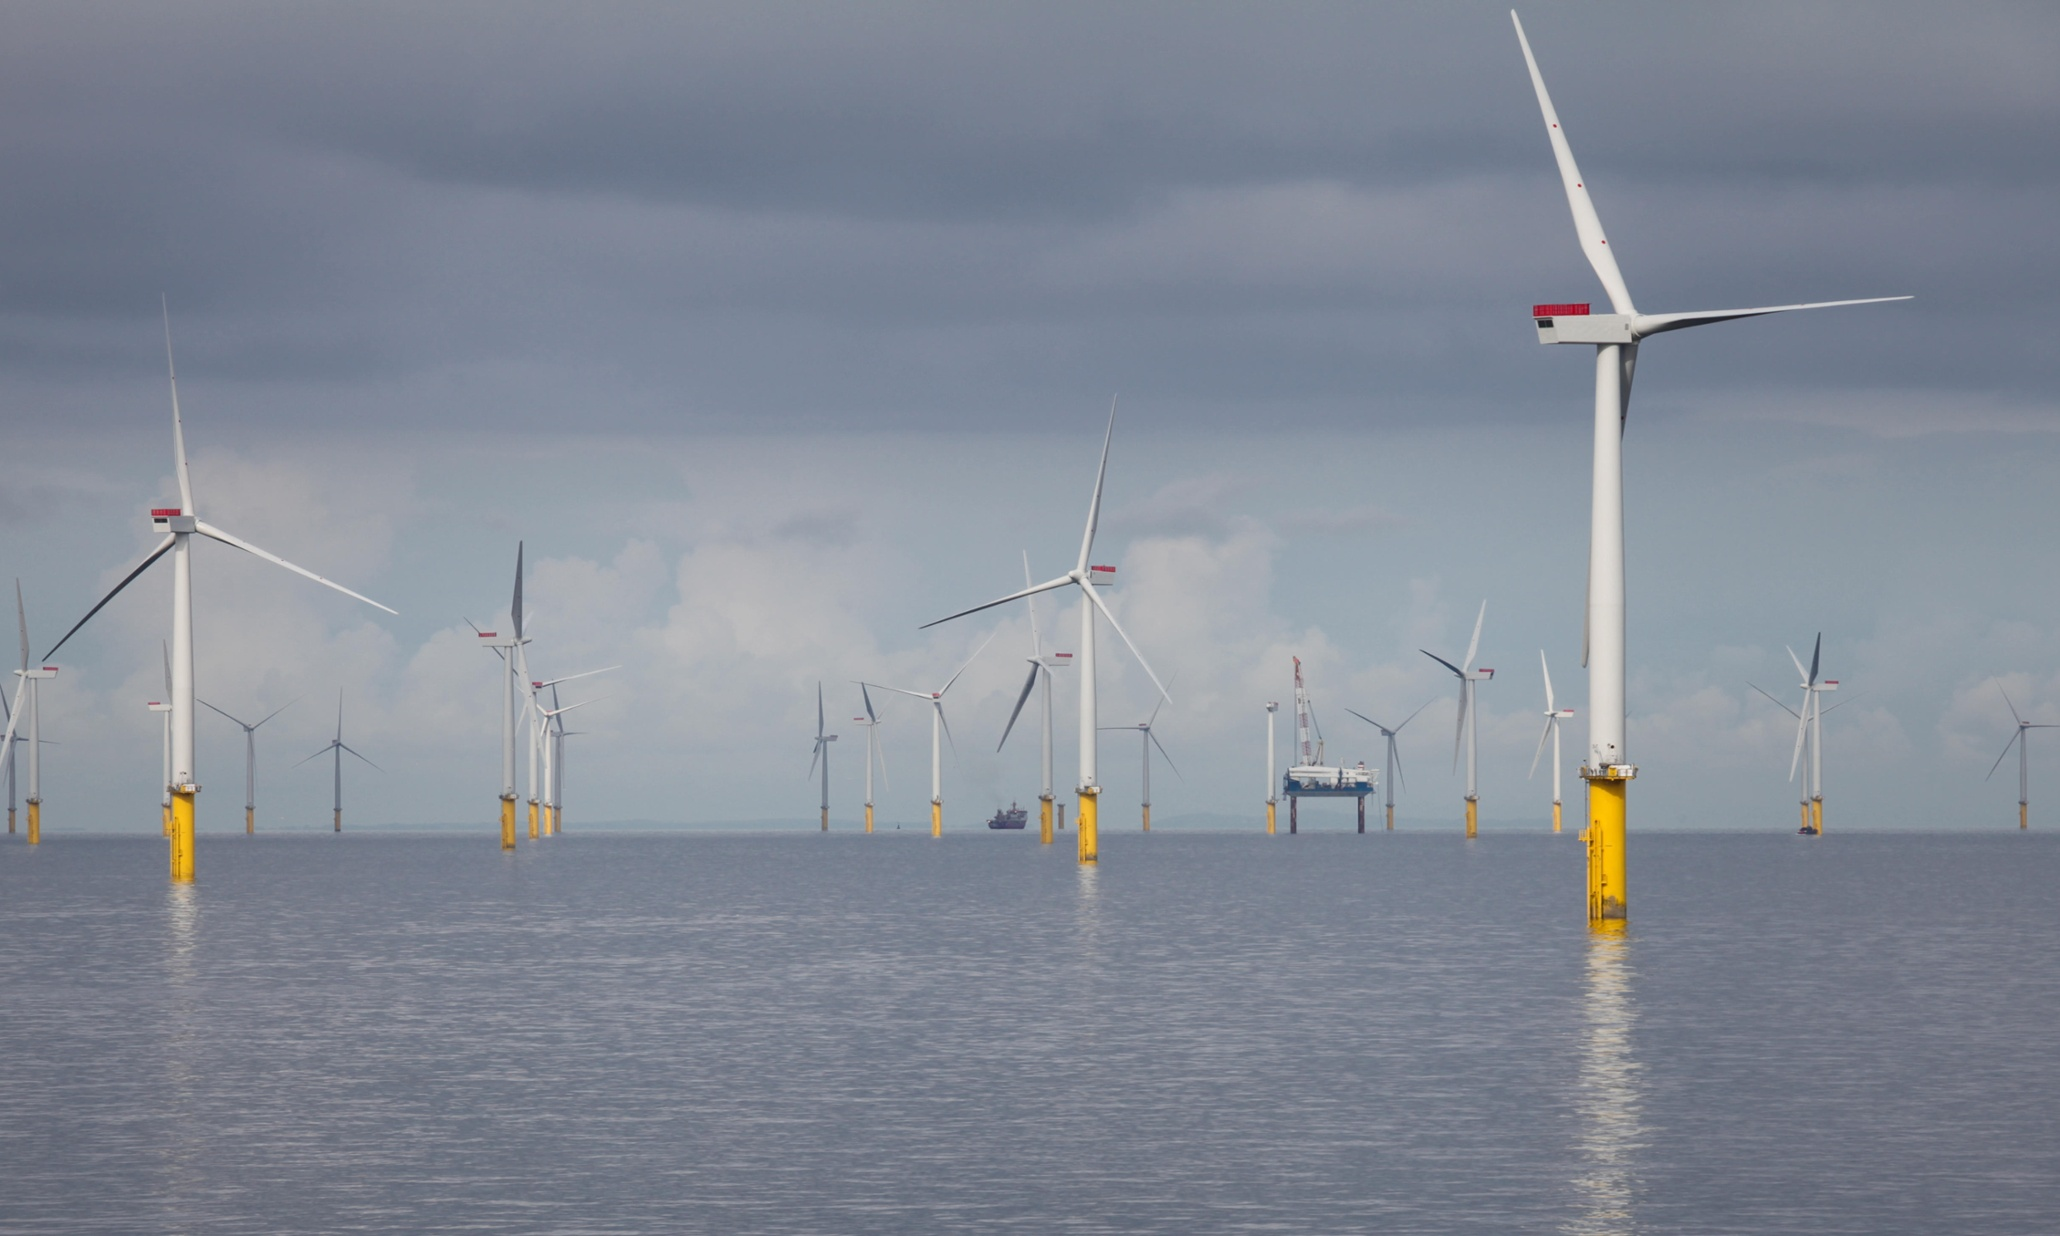 В Германии построили самую высокую ветряную электростанцию в мире